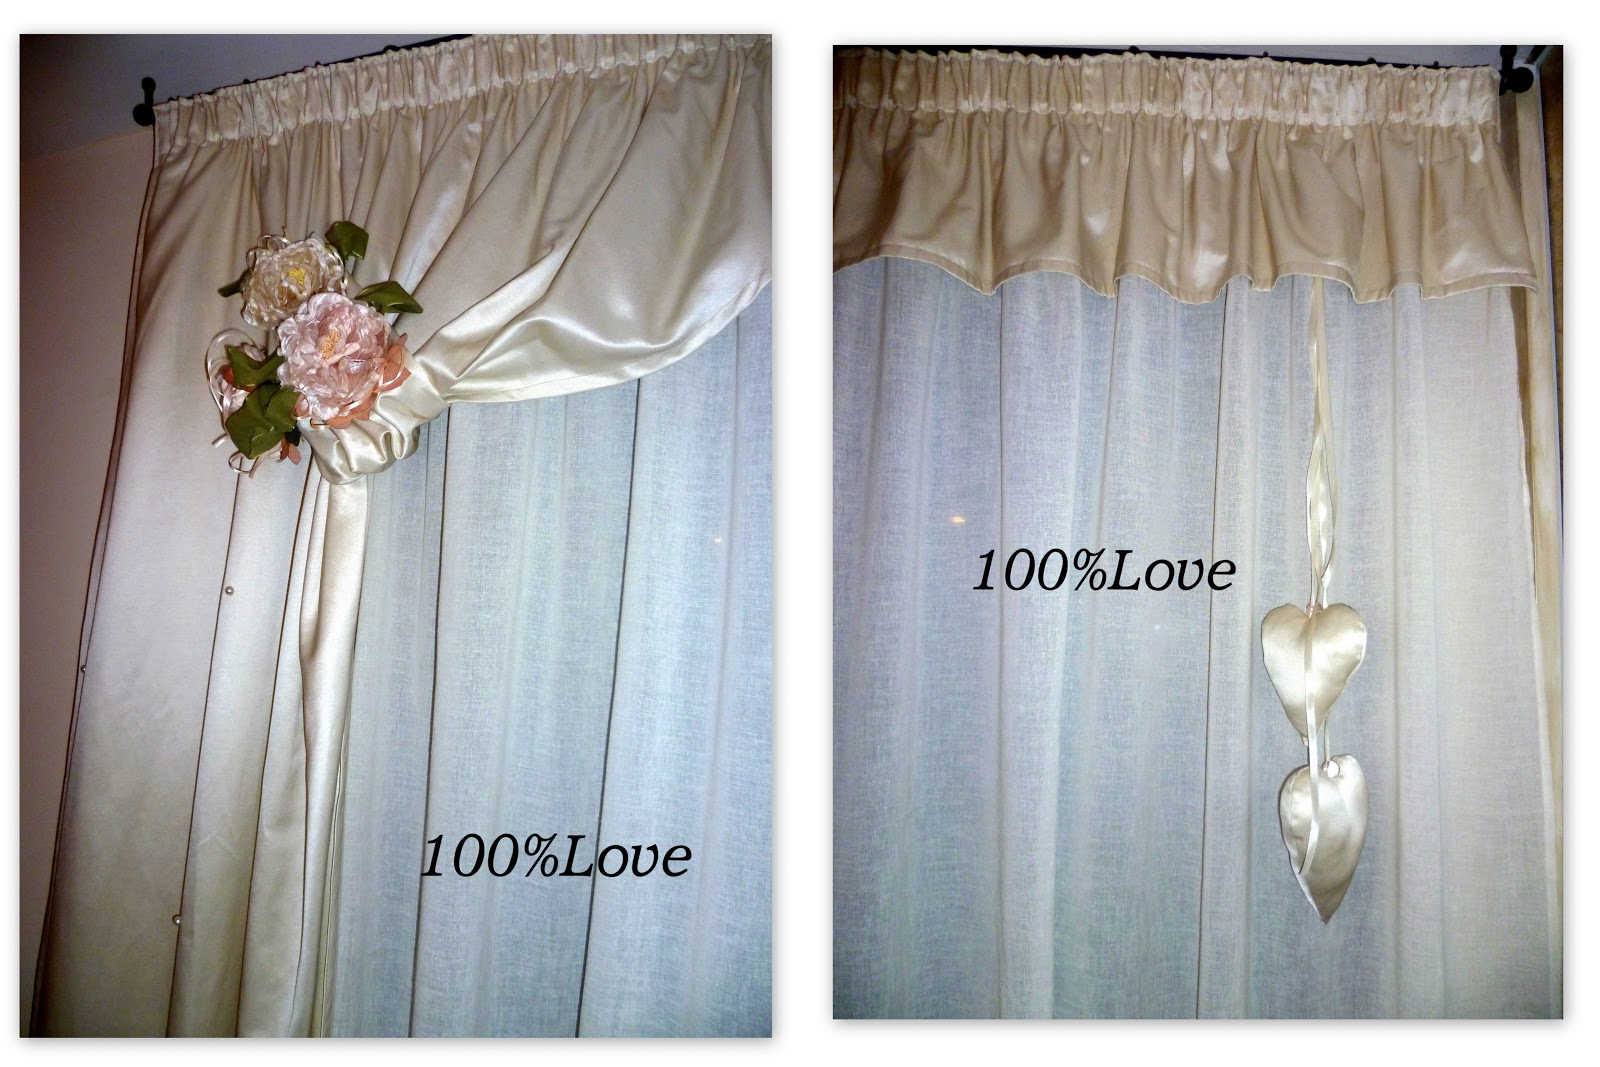 100 love tenda romantica - Modelli tende da bagno ...